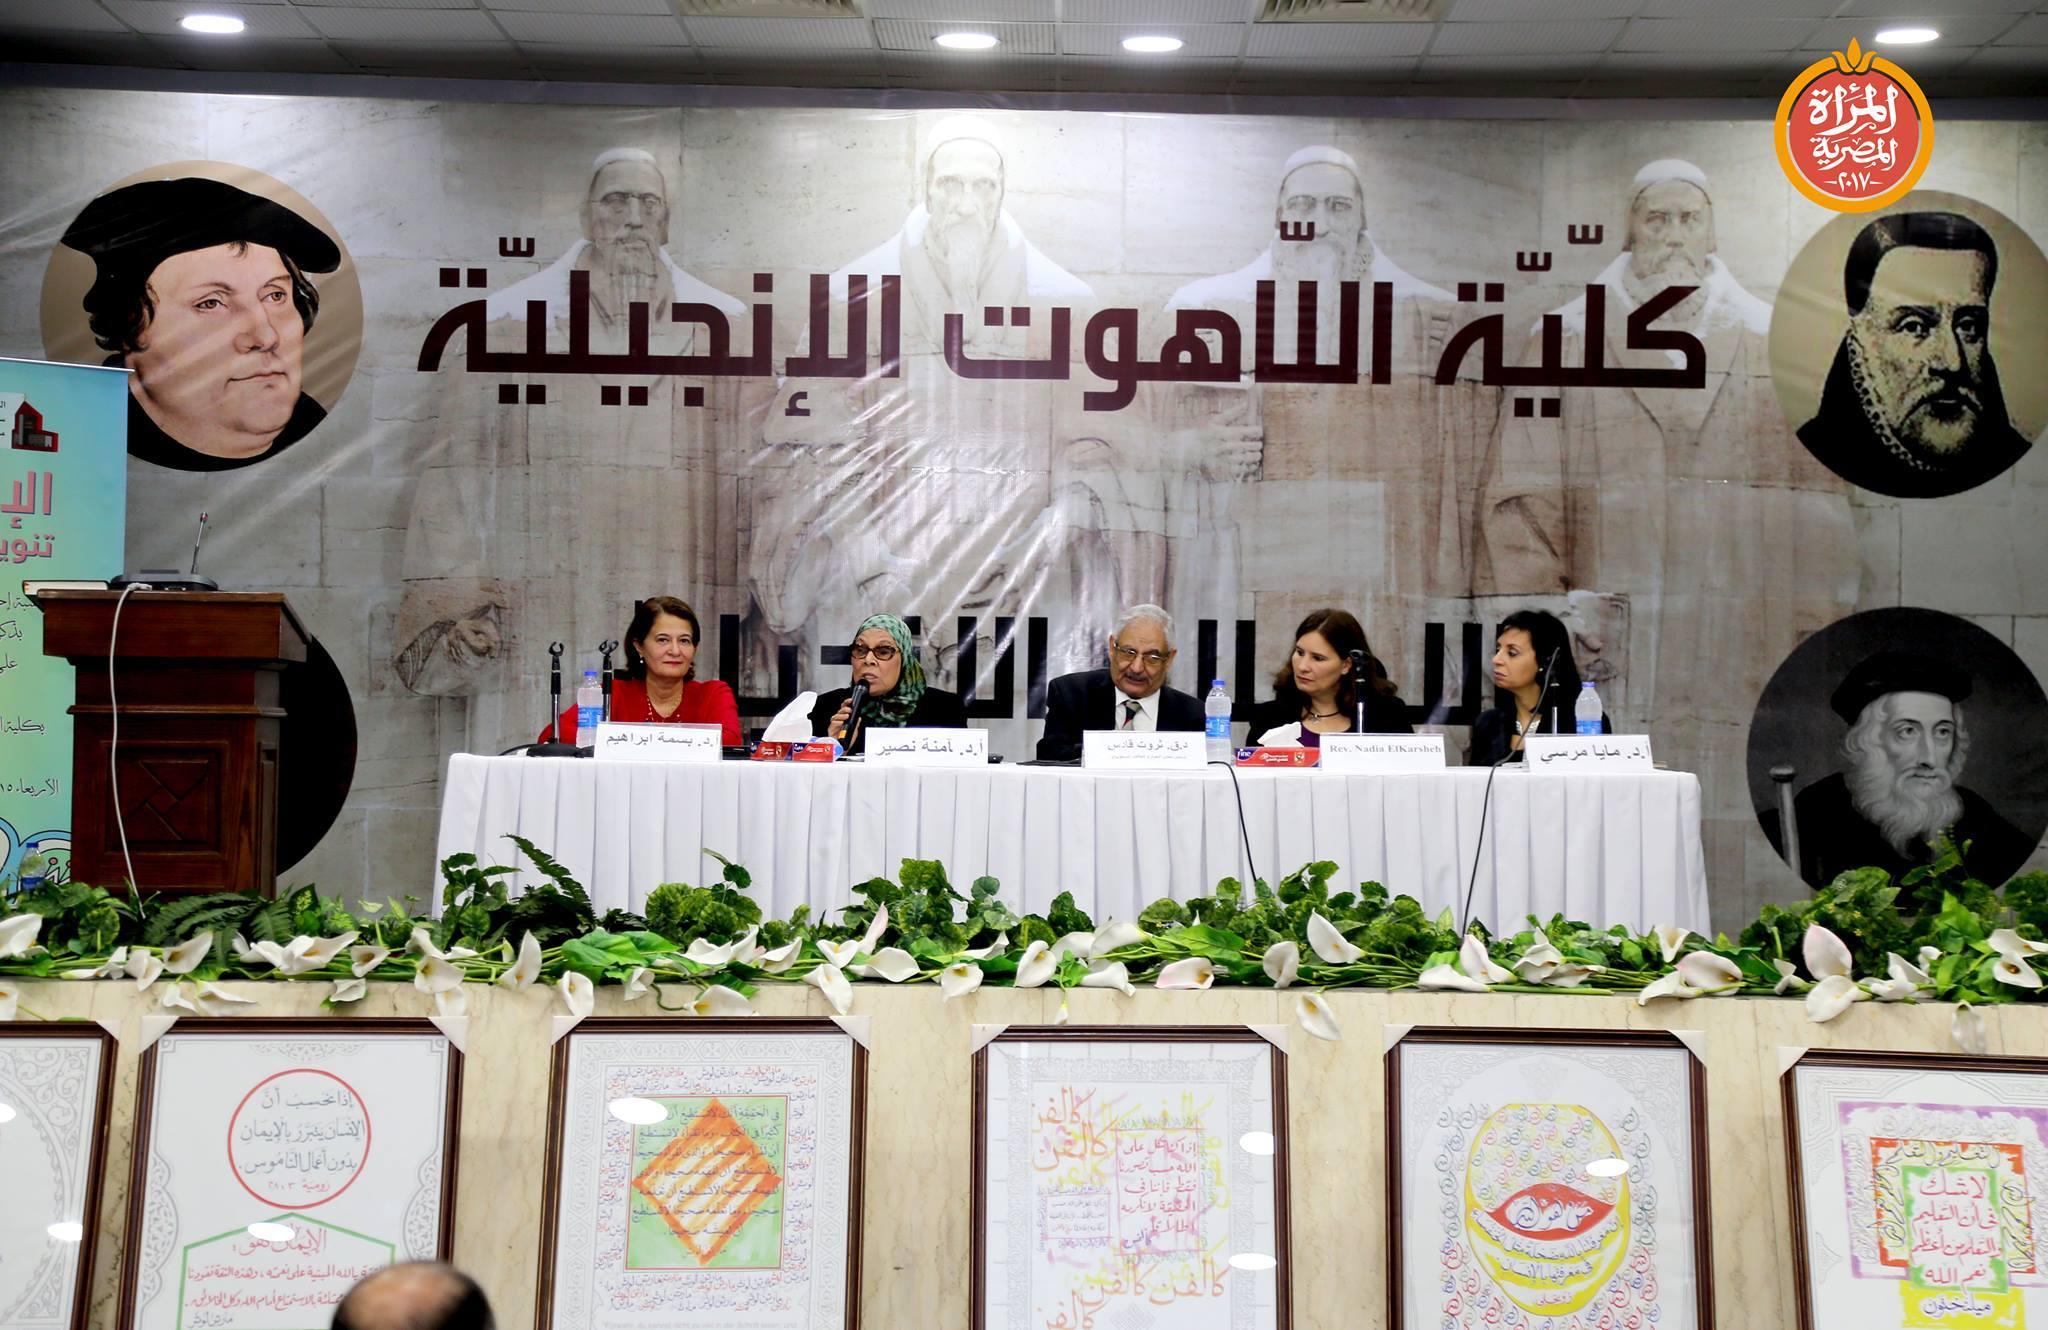 """مشاركة """" مايا مرسي """" في مؤتمر """" الاصلاح (تنوير وتجديد)"""""""